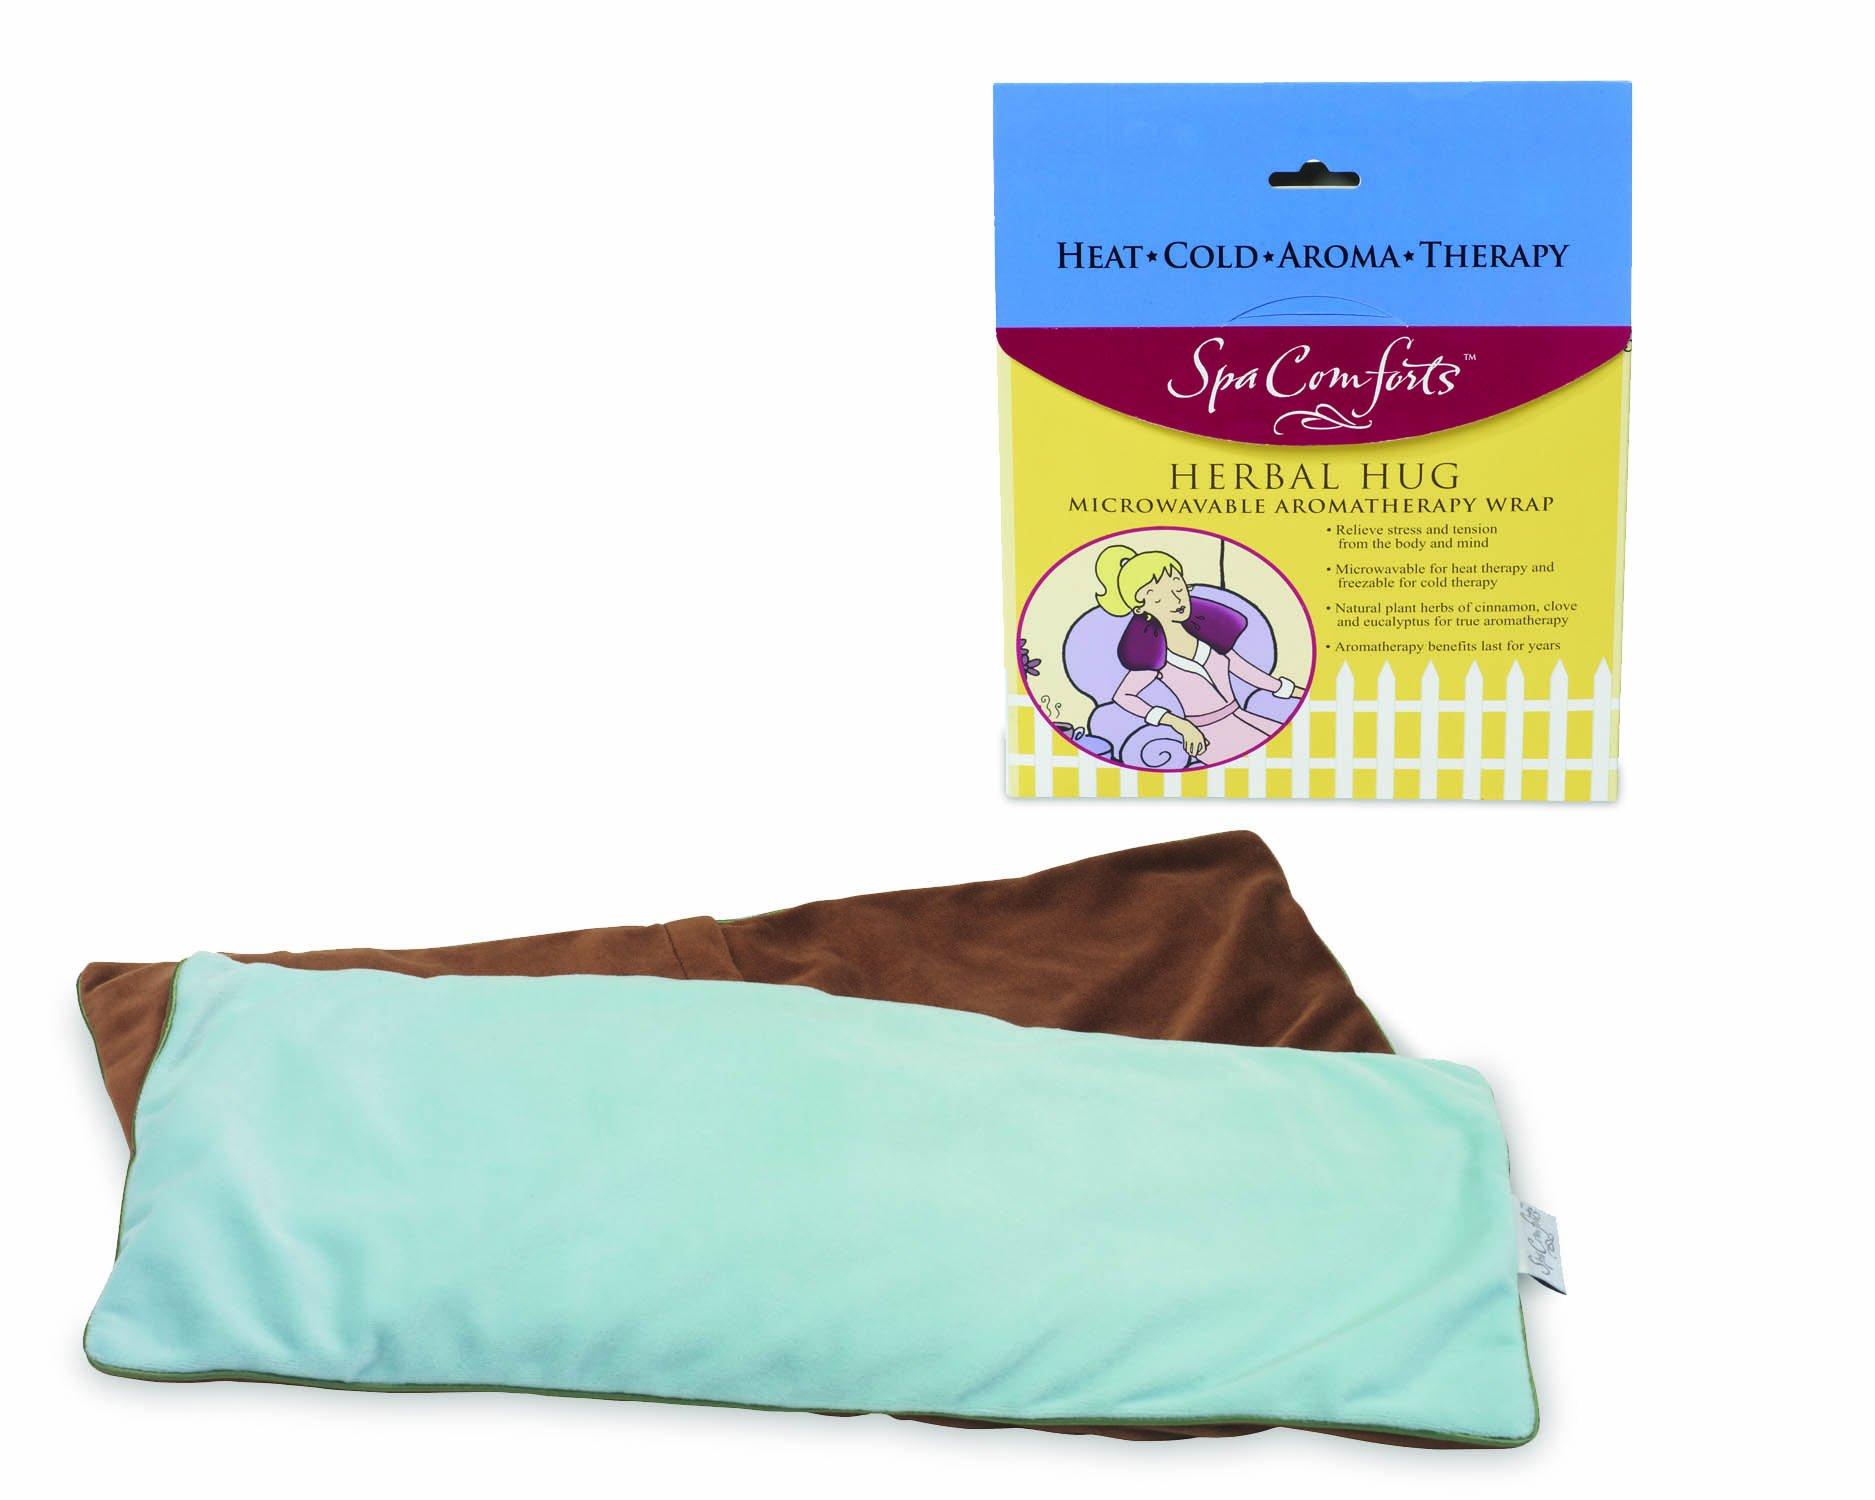 Spa Comforts Herbal Hug, teal/brown